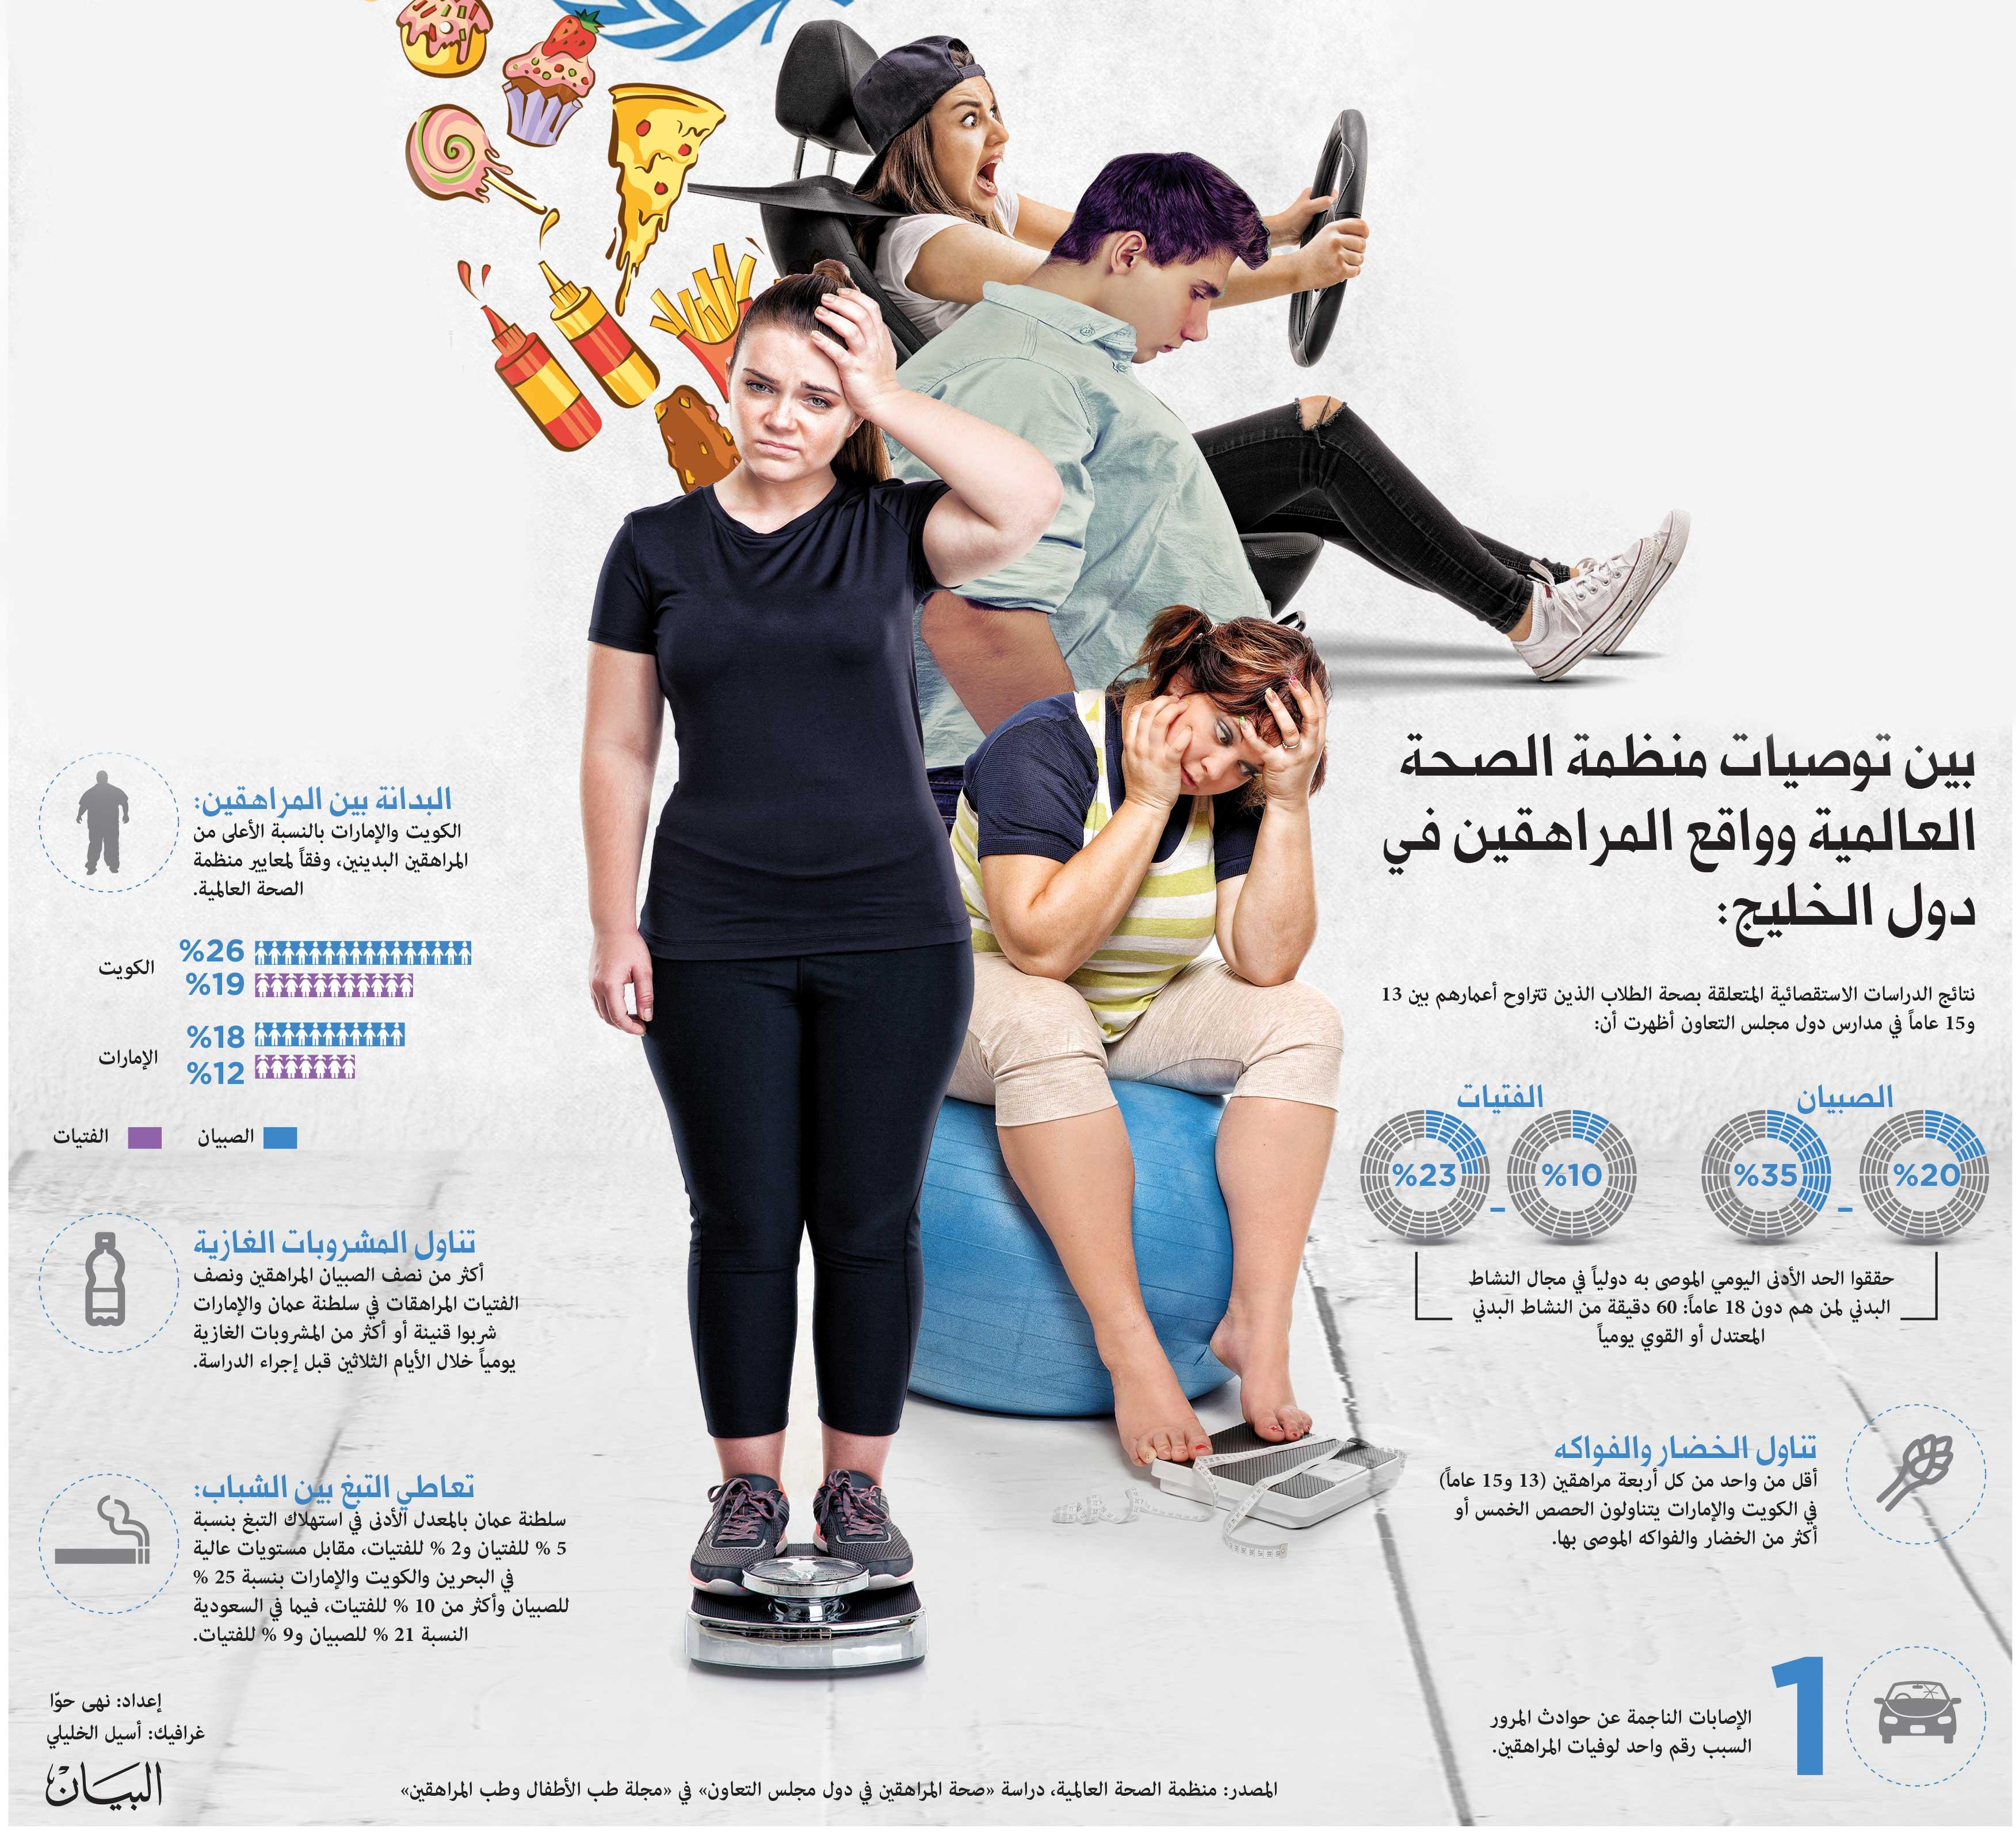 المراهقة وتأثيراتها الصحية حاضرا ومستقبلا فكر وفن مرايا البيان